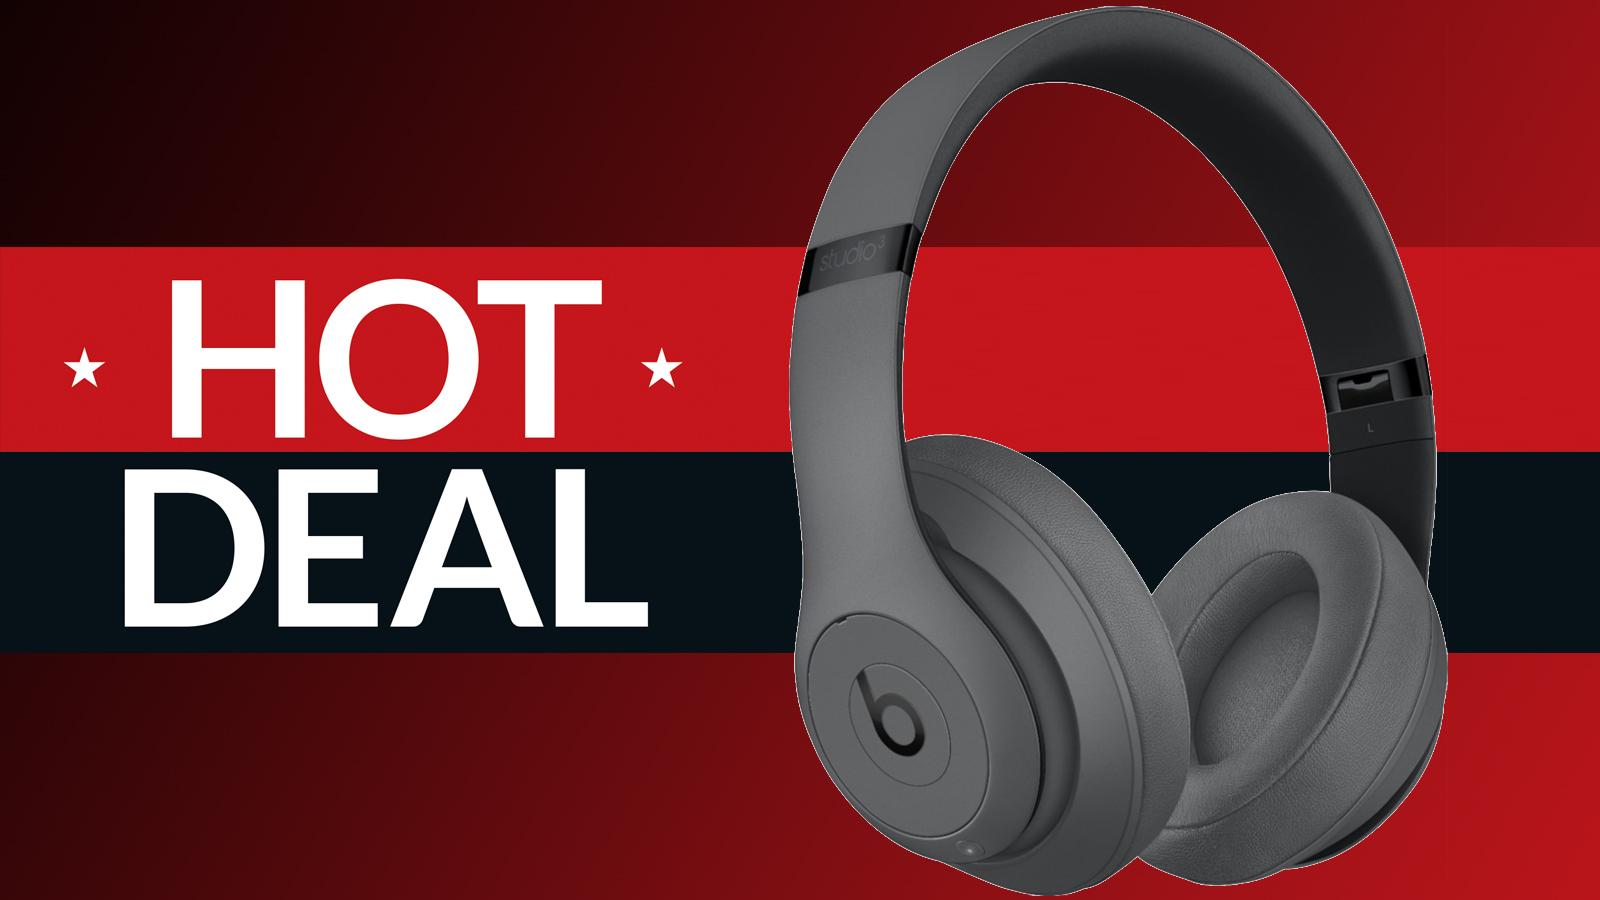 Cheap Beats Wireless Headphones Deal At Best Buy 150 Off Beats Studio 3 Wireless Headphones T3